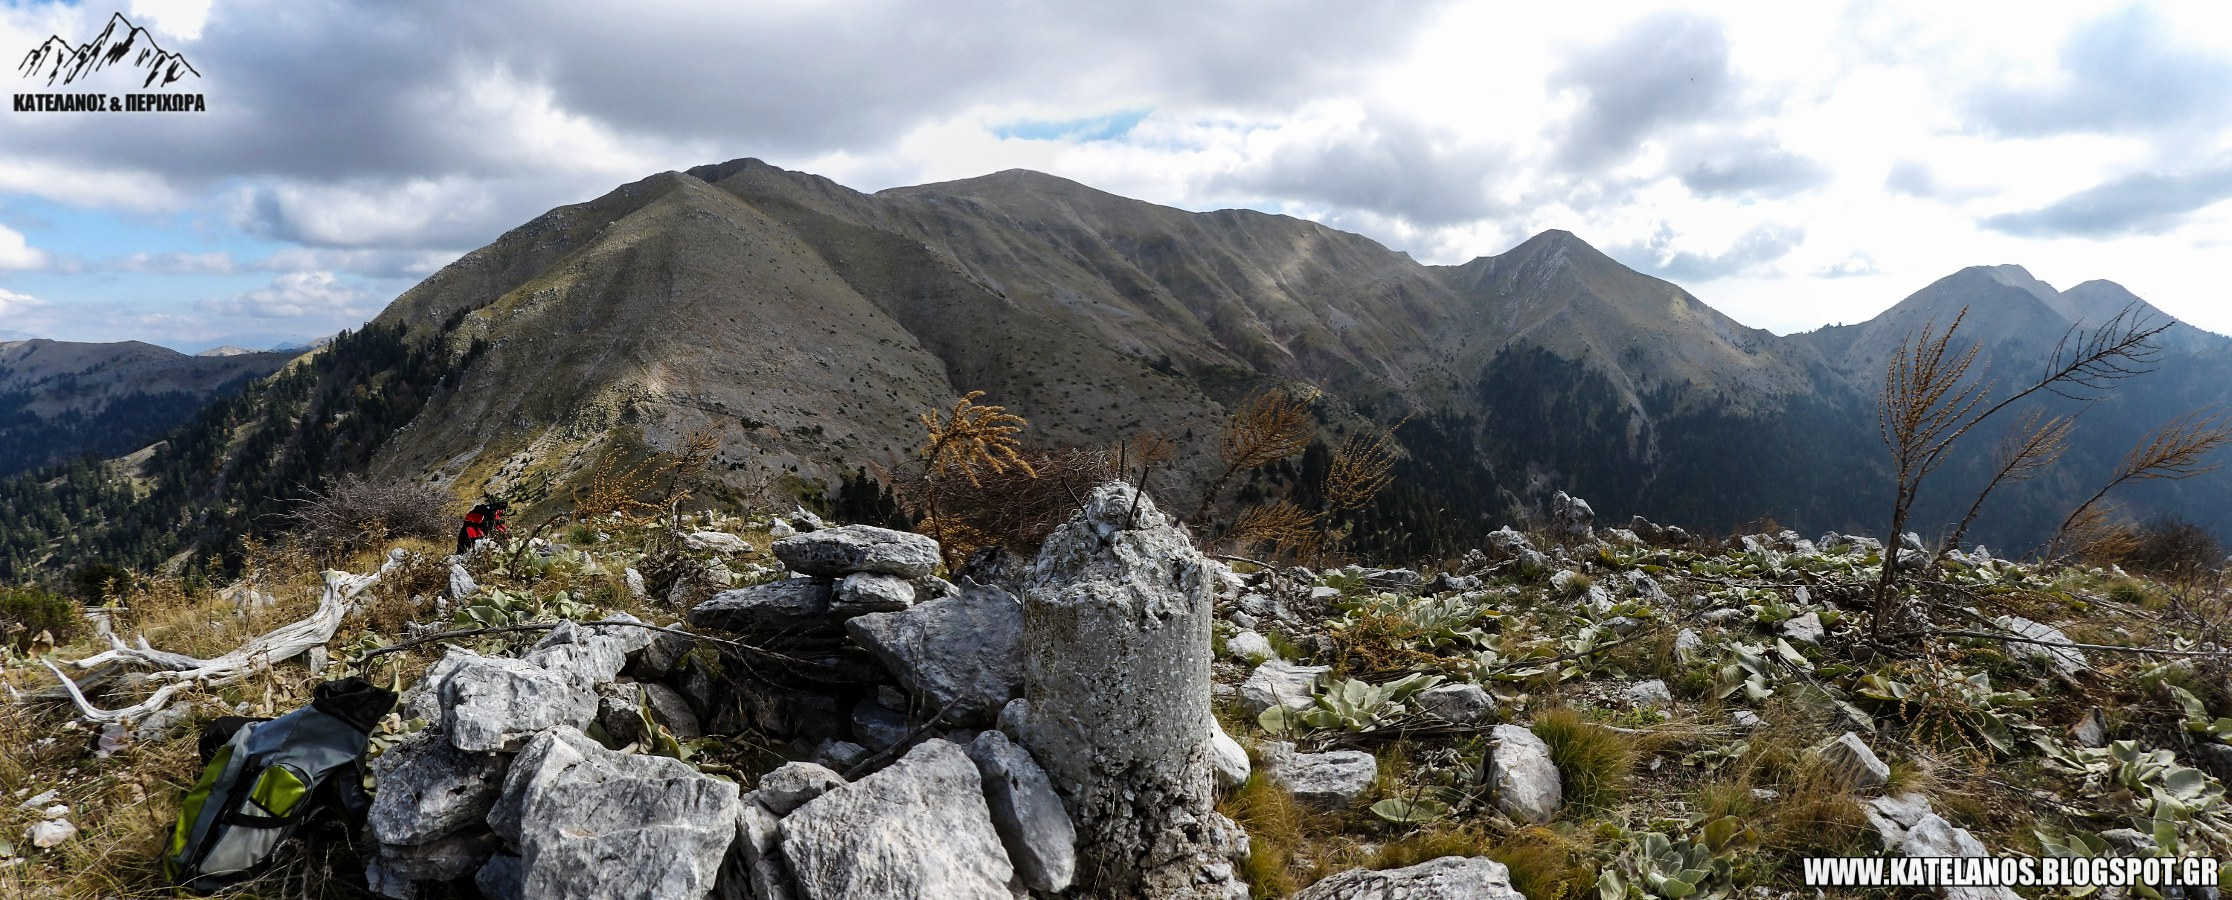 τριγωνομτερικό σημείο κορυφή γερακούλα παναιτωλικό όρος